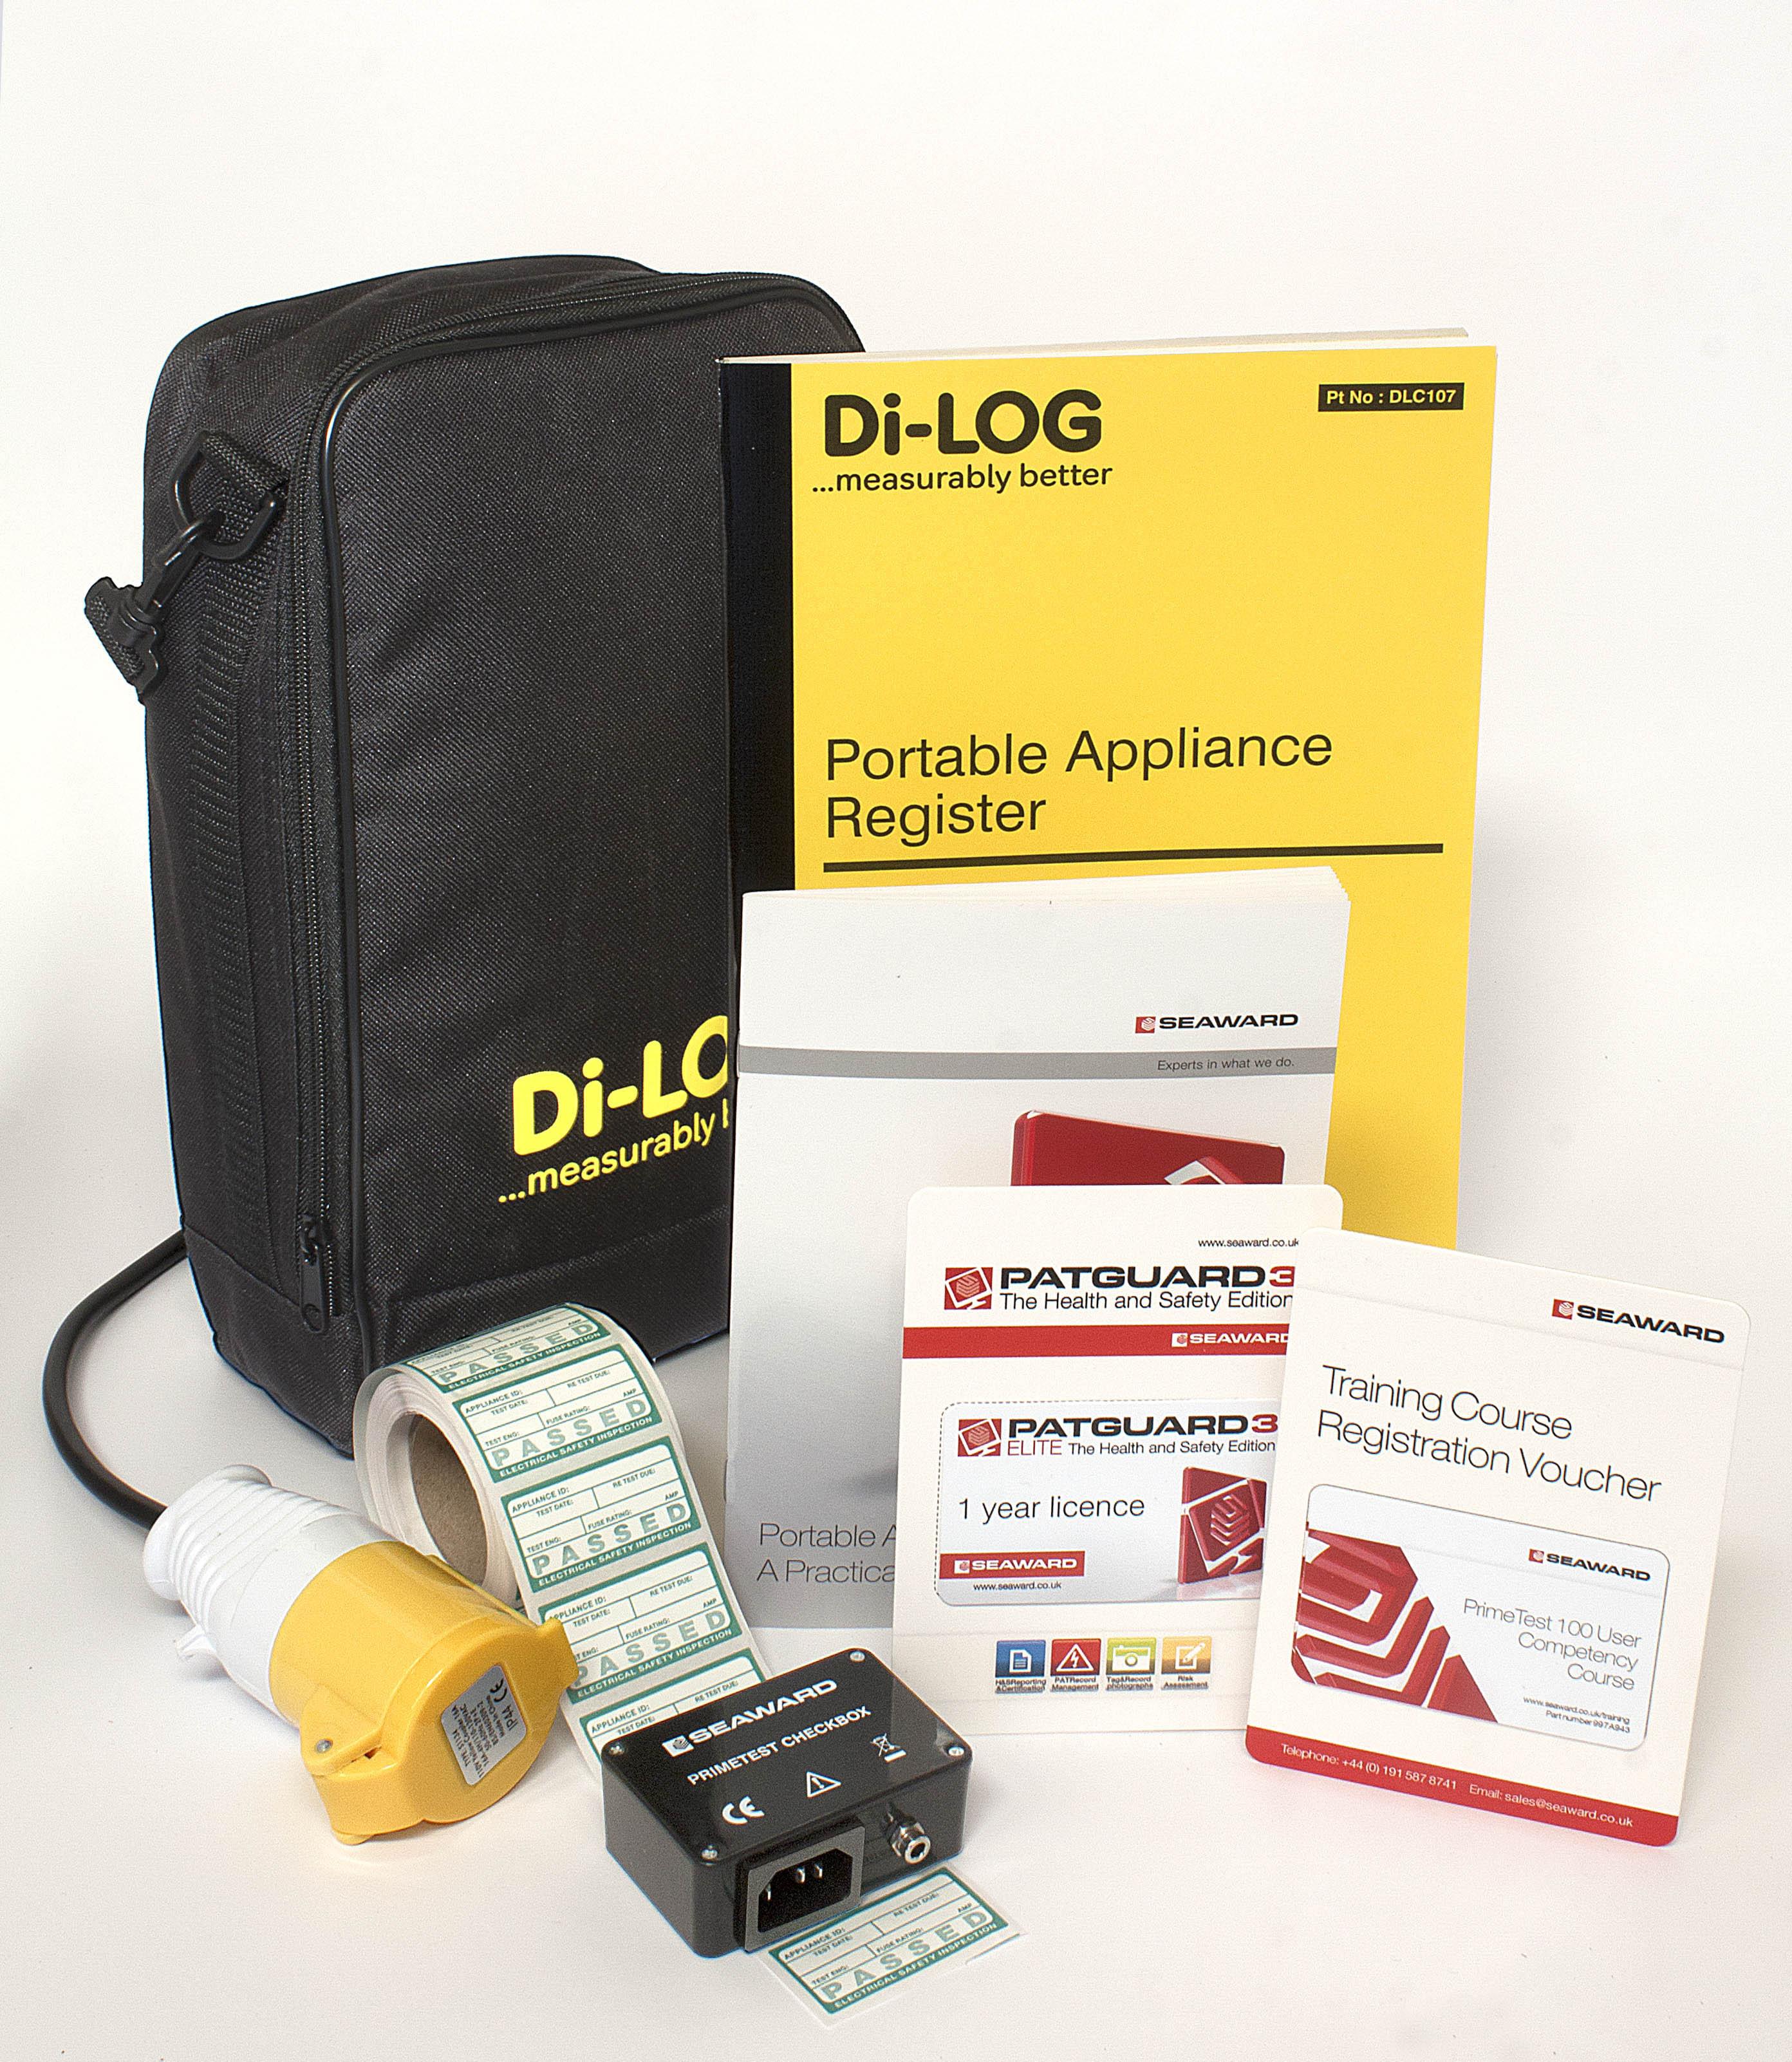 PAT kit new pic - Di-LOG